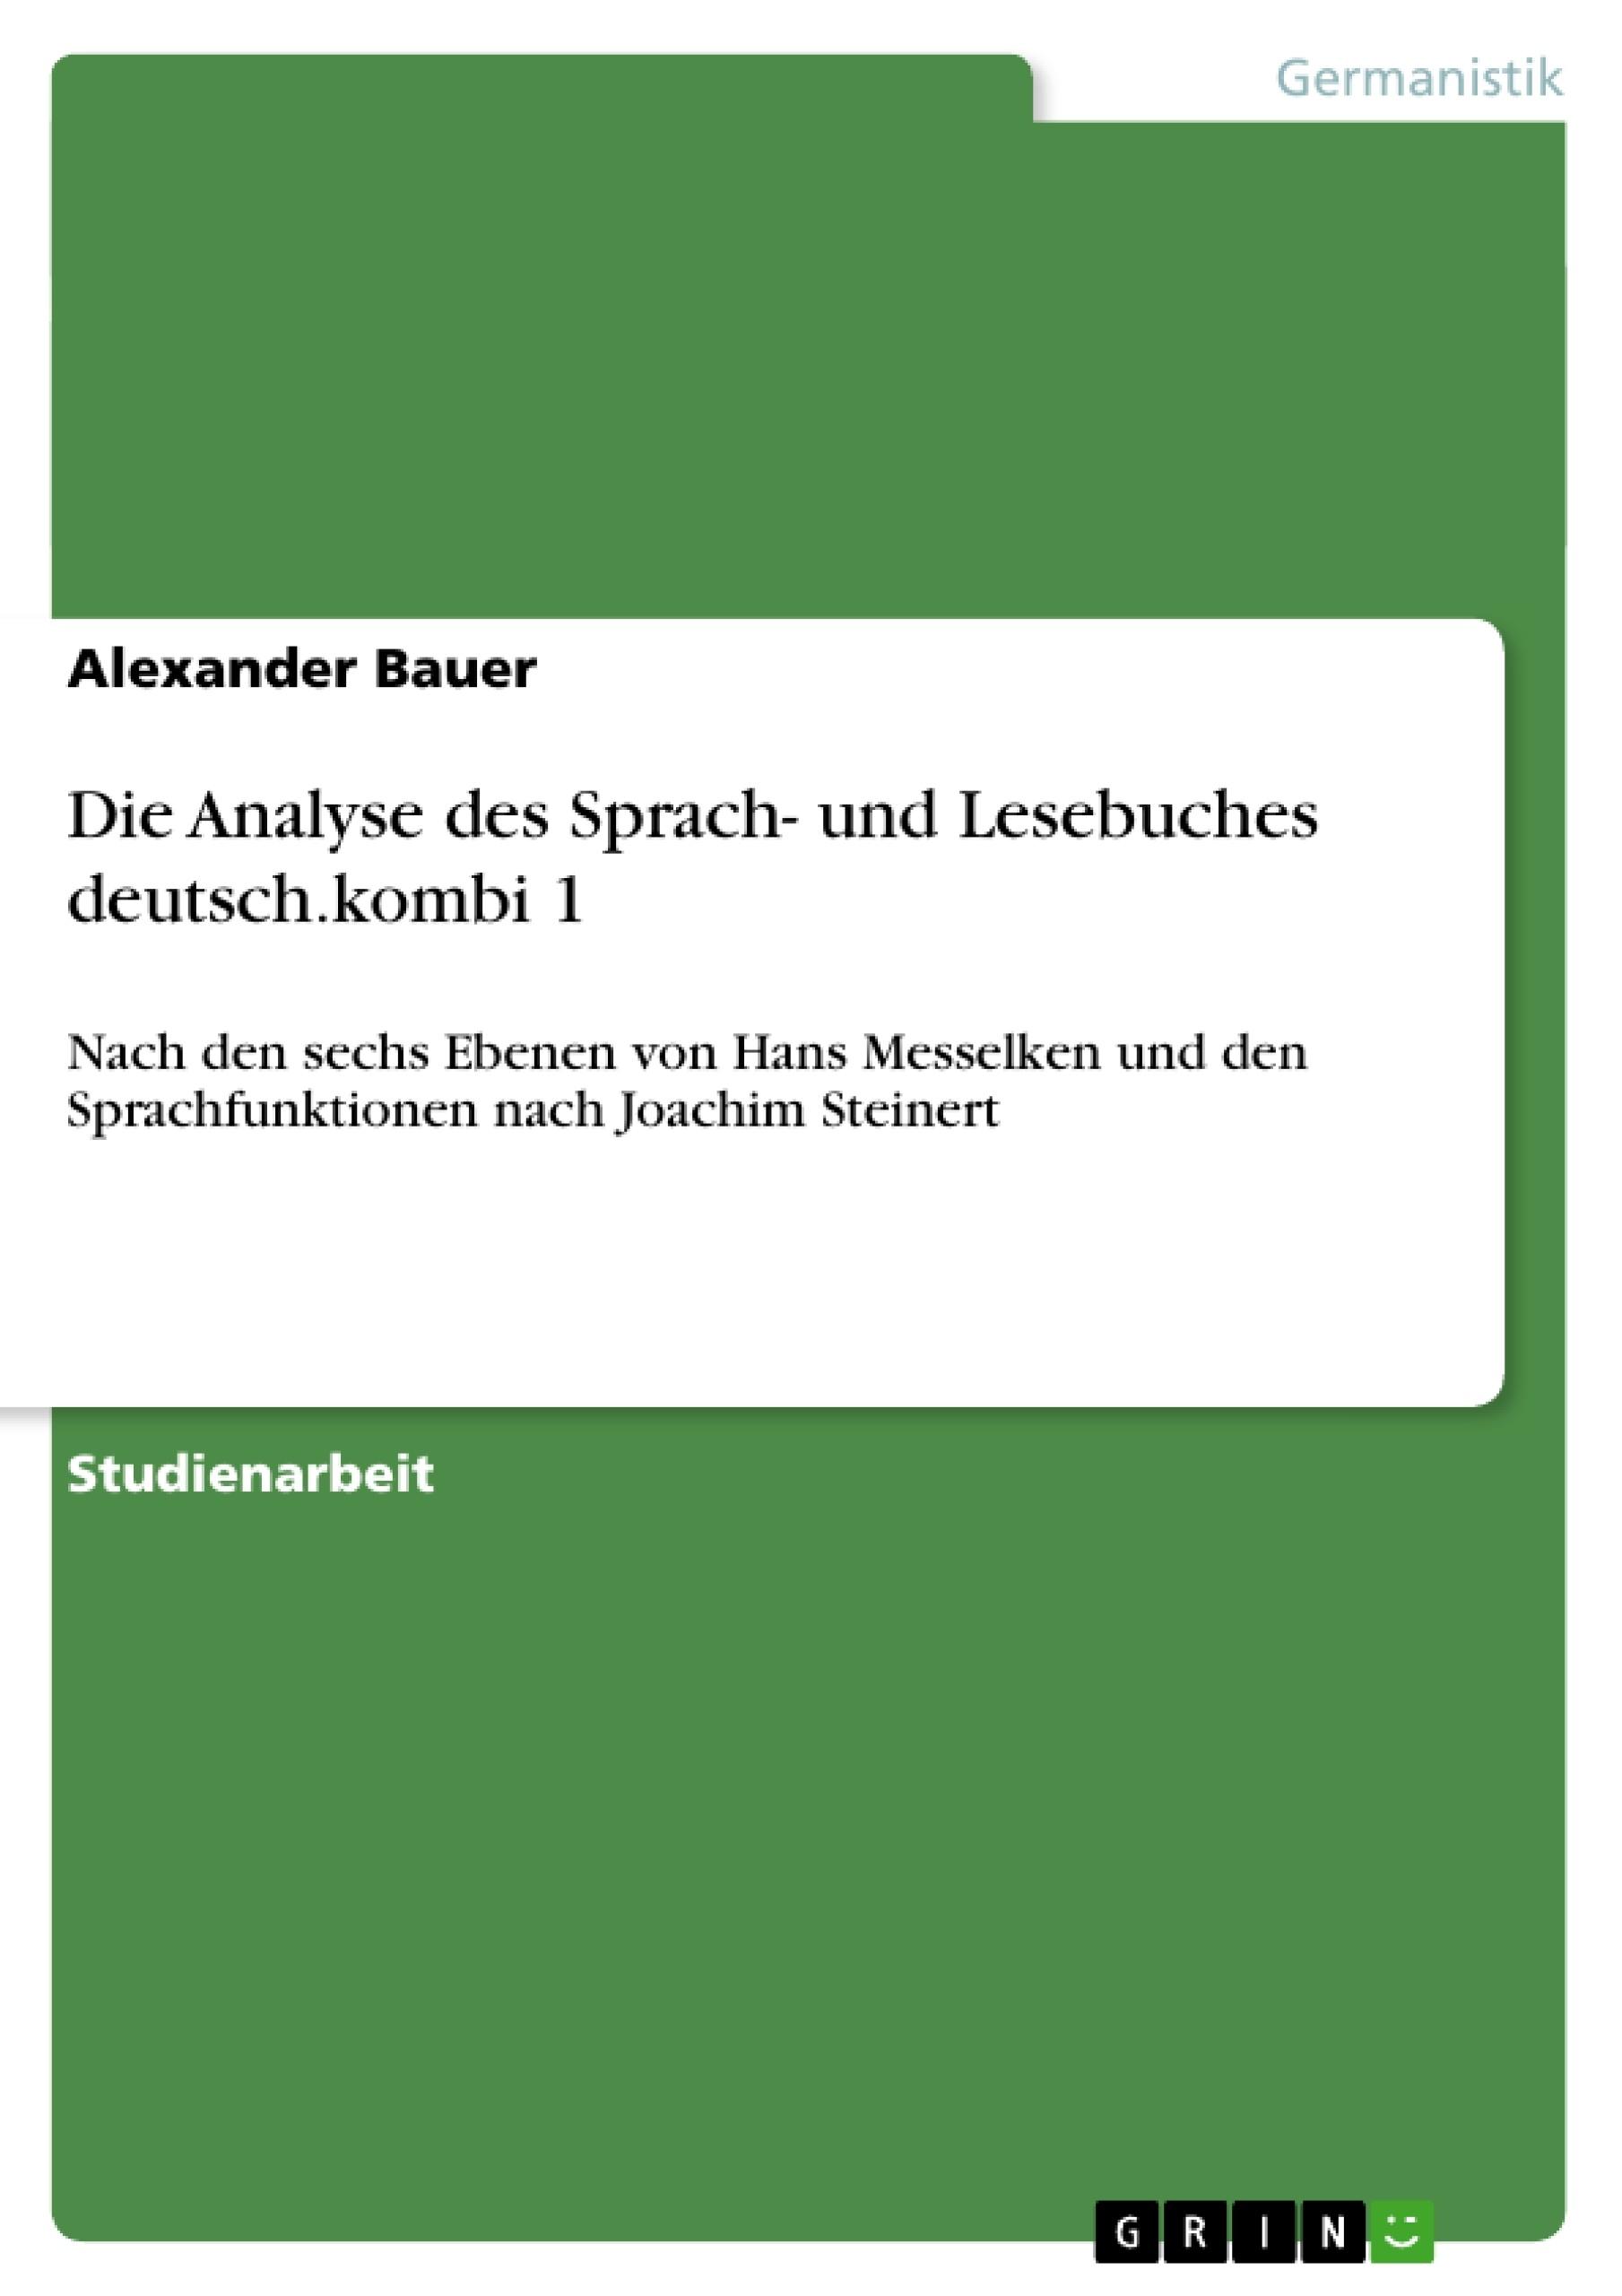 Titel: Die Analyse des Sprach- und Lesebuches deutsch.kombi 1